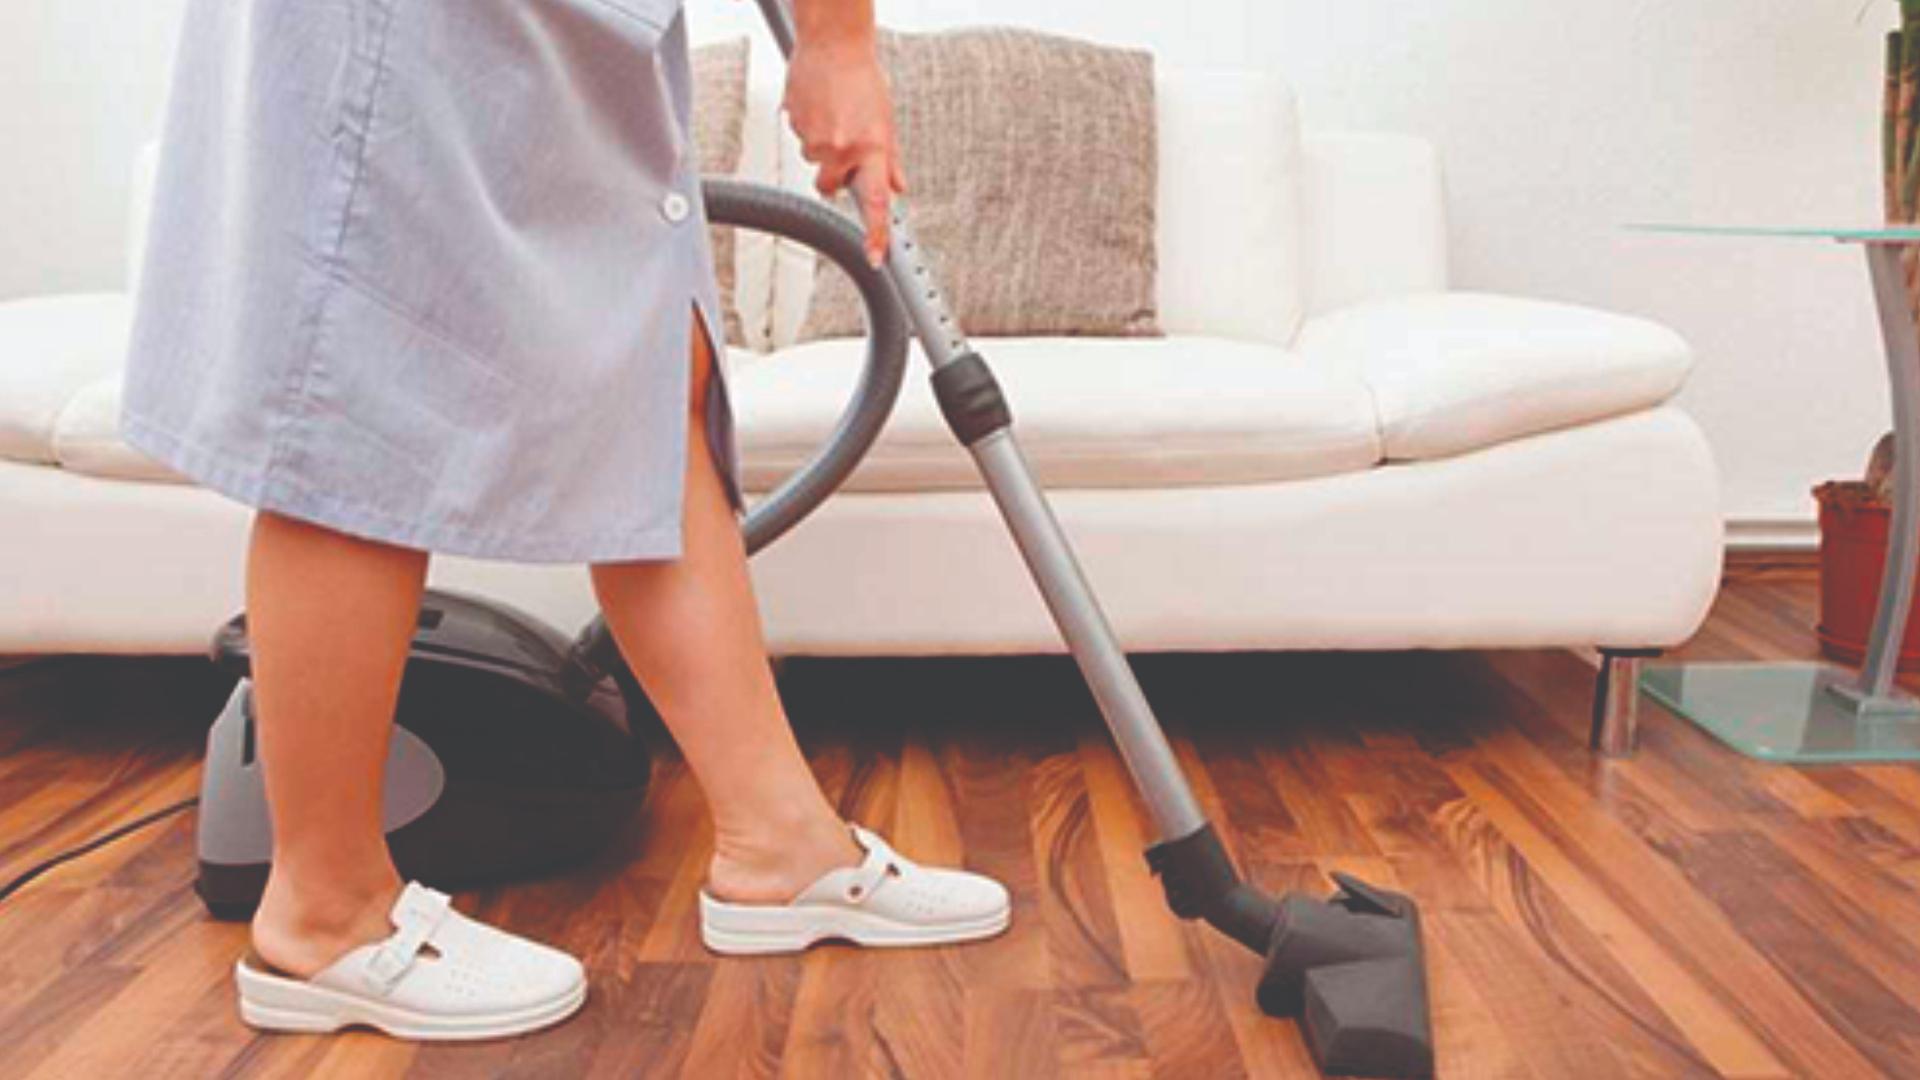 70% de trabajadoras del hogar en Perú considera que sus lugares de trabajo les generan estrés